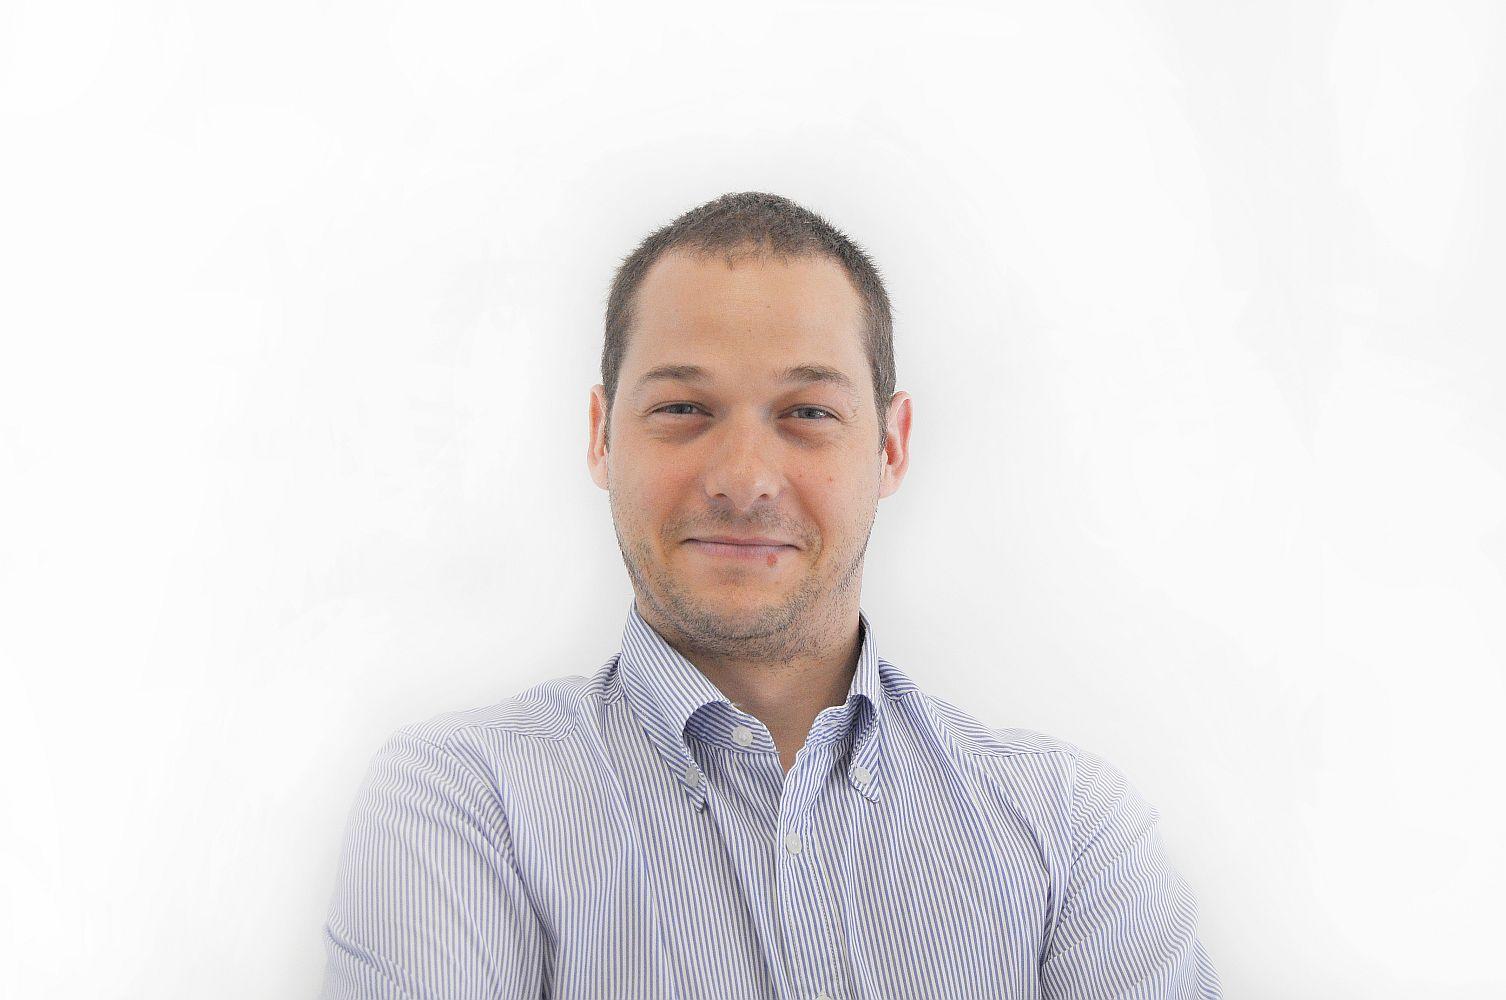 André Leão de Sousa, Co-CEO da InovRetail